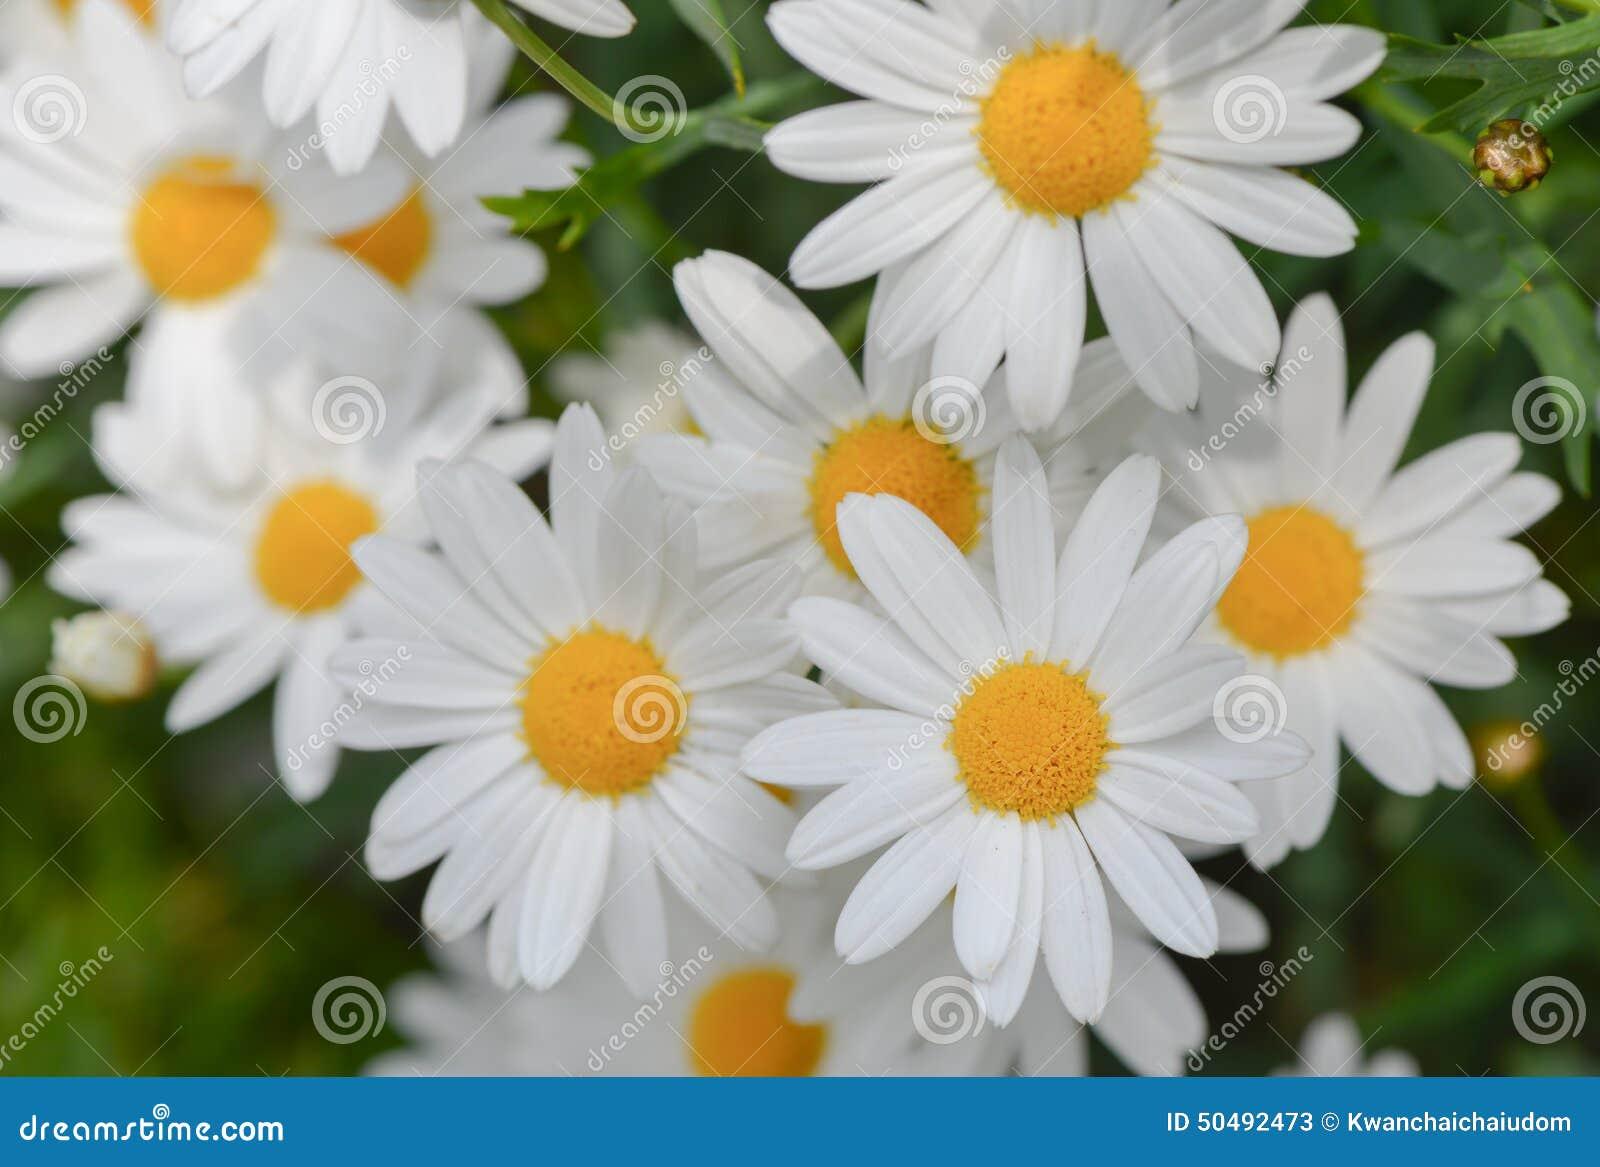 Macro de belles fleurs de marguerites blanches image stock - Image fleur marguerite ...